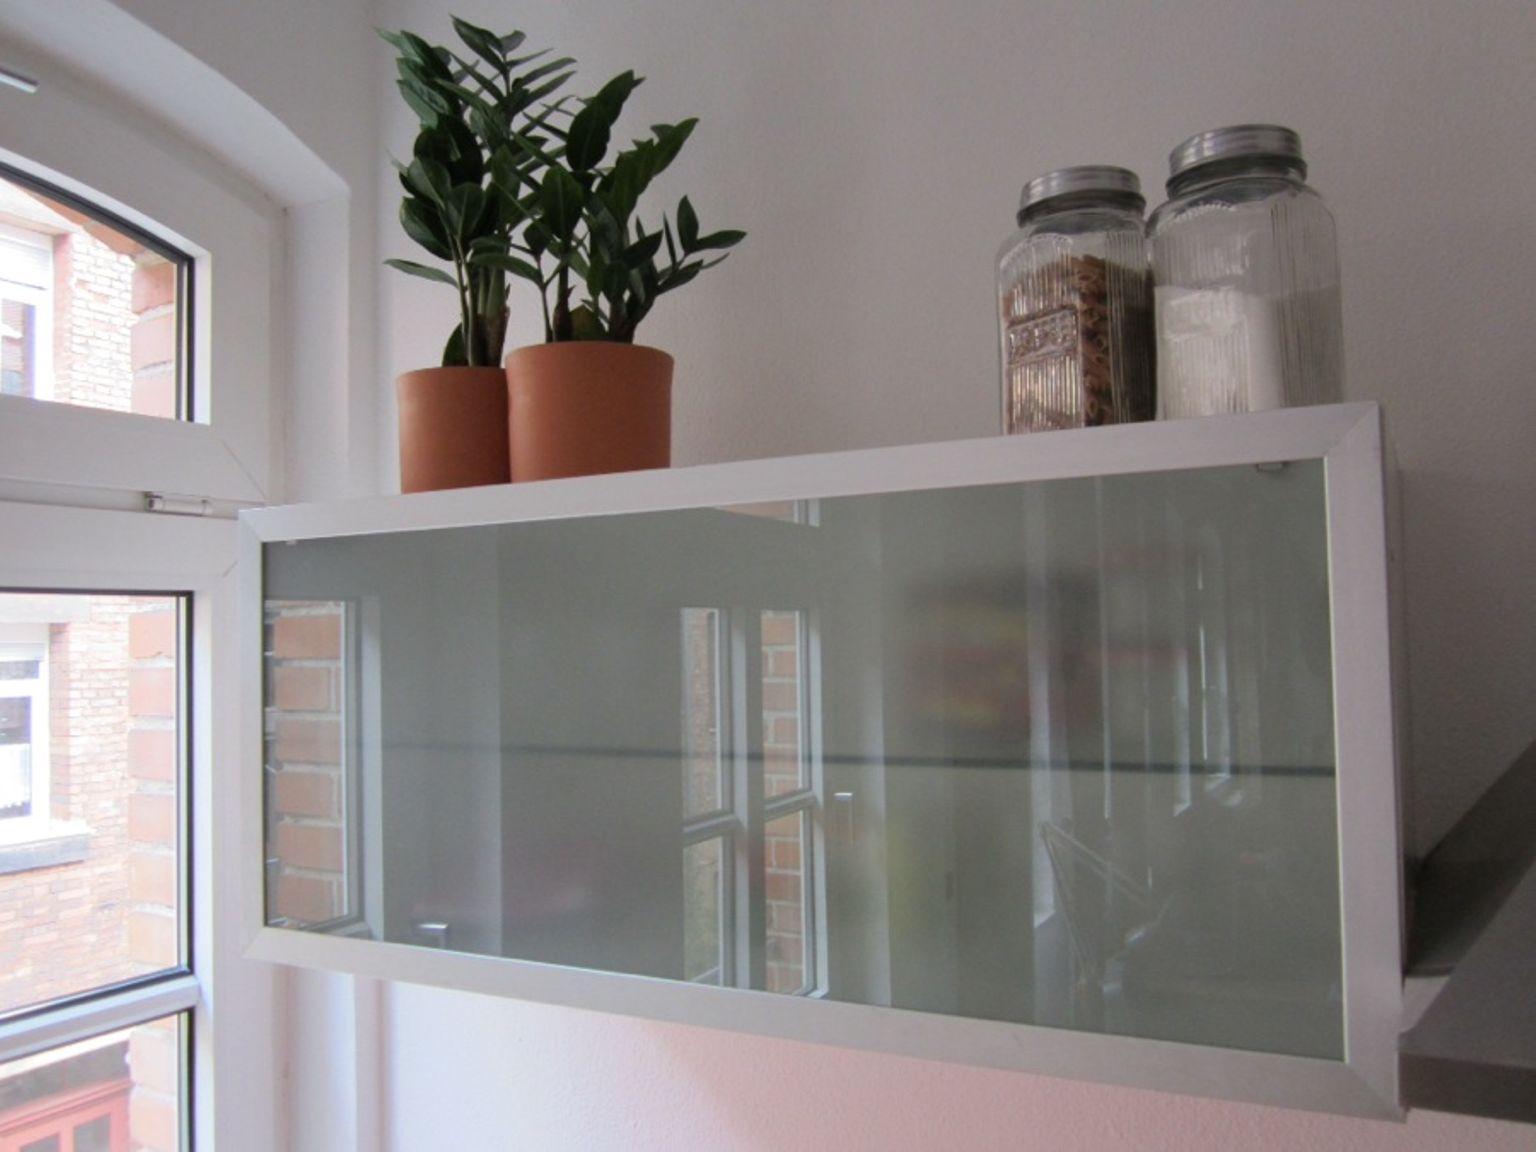 Küchen Hängeschrank Glas Ikea